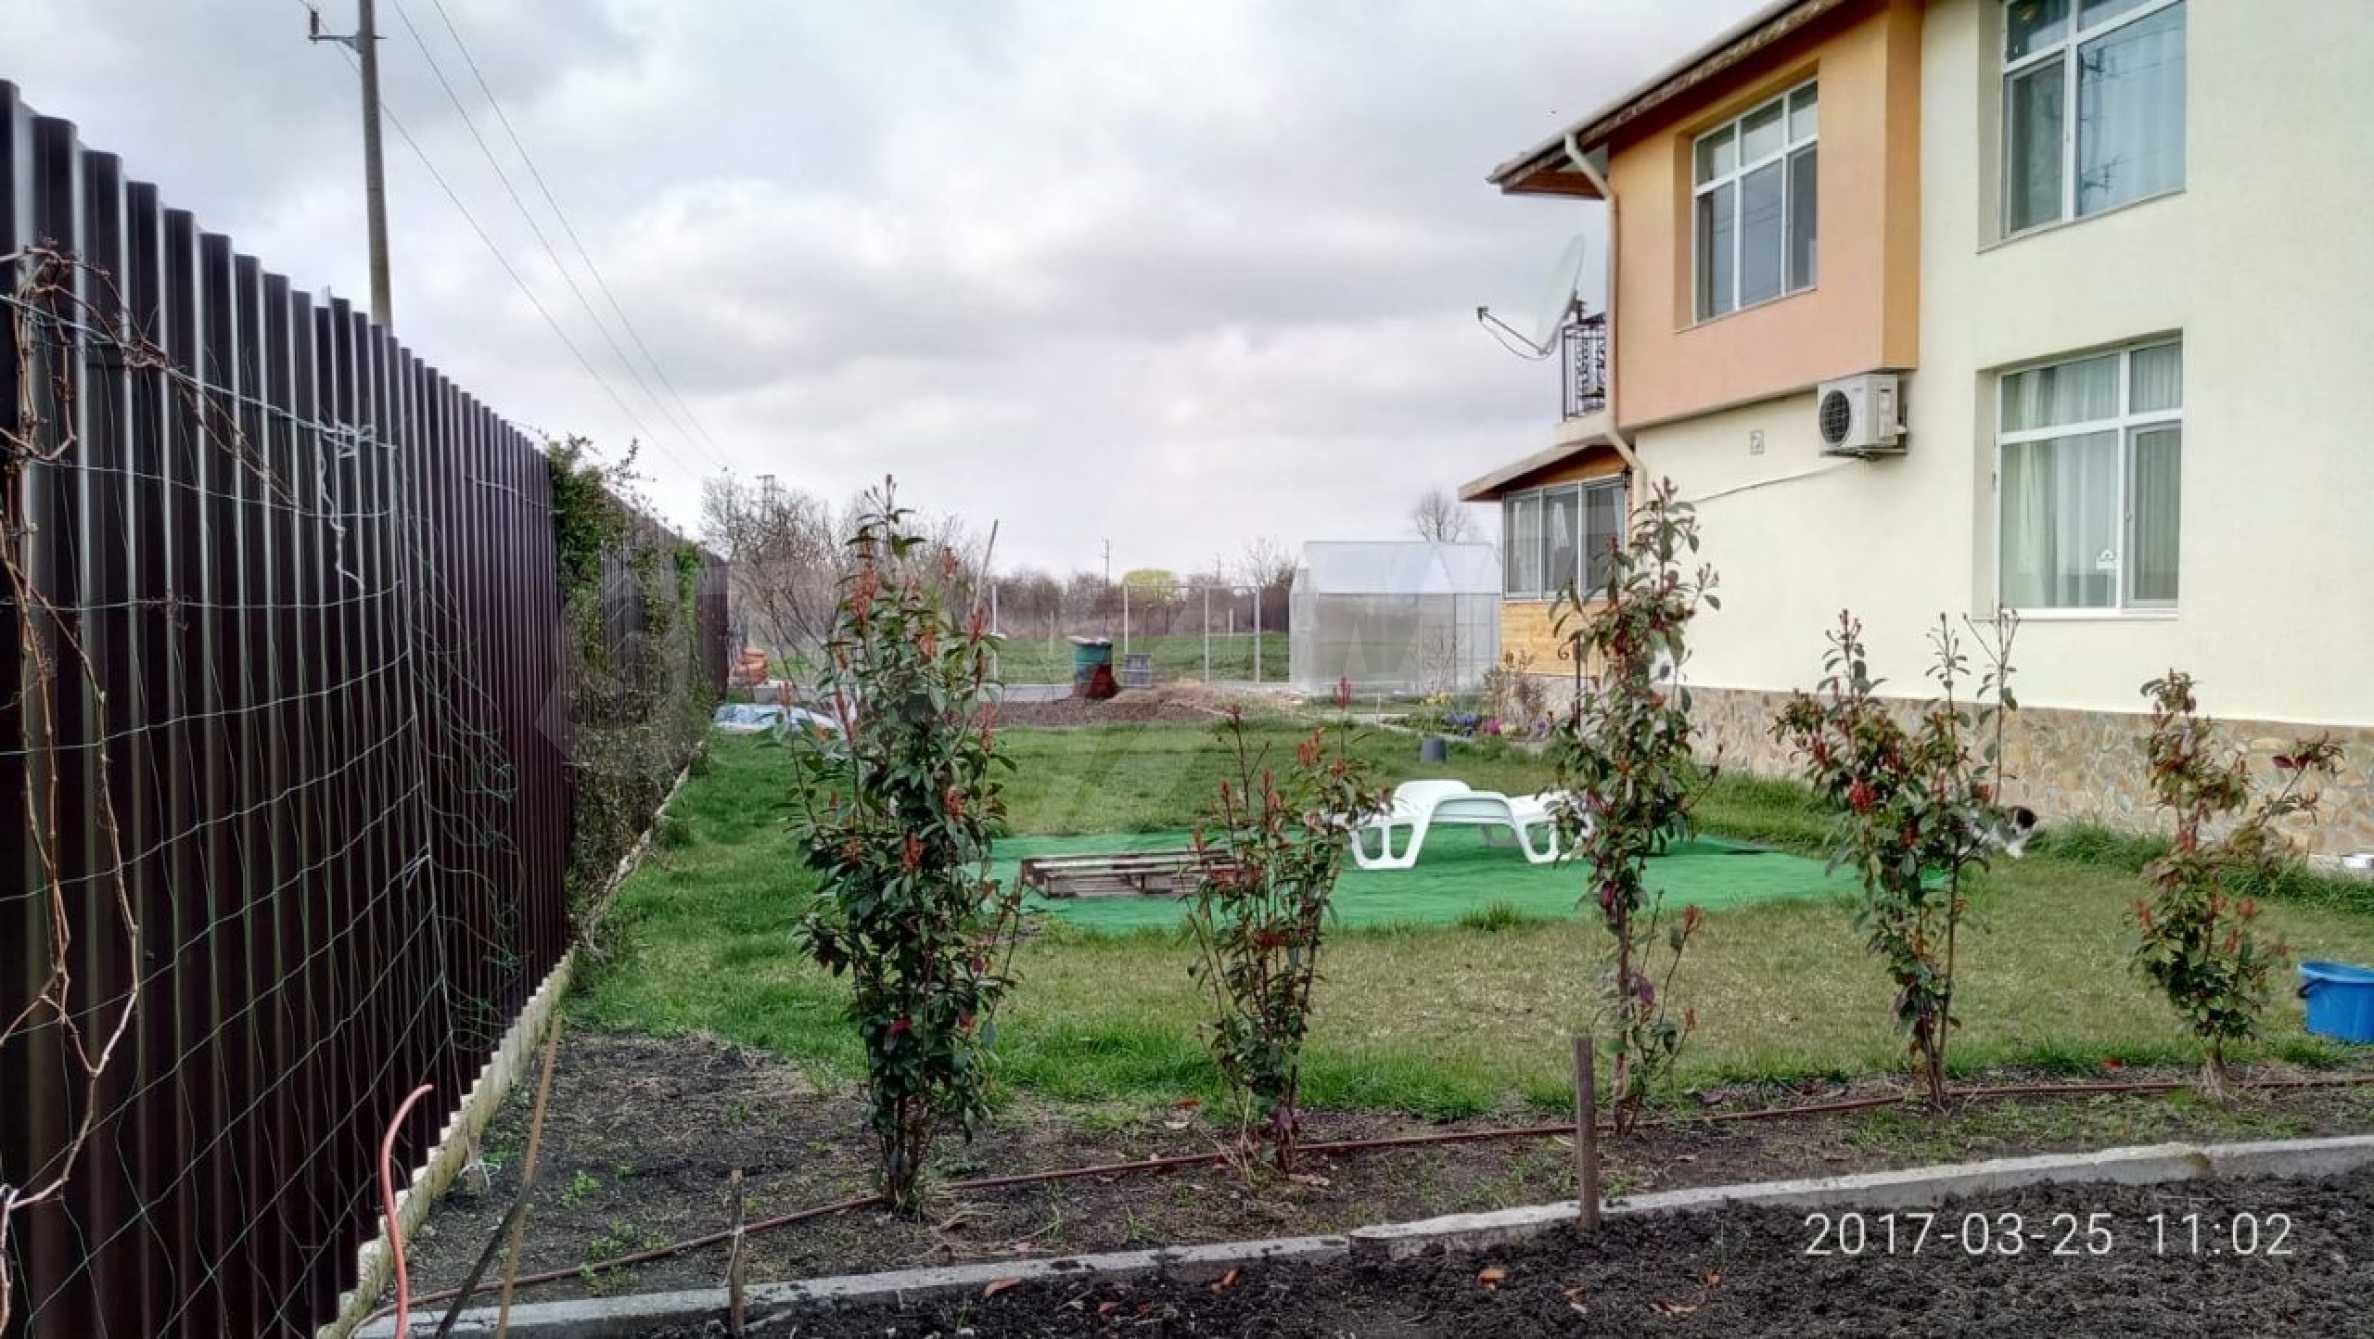 Herrliches Haus mit stilvoller Einrichtung im Df. Kamenar, Gemeinde Pomorie 20